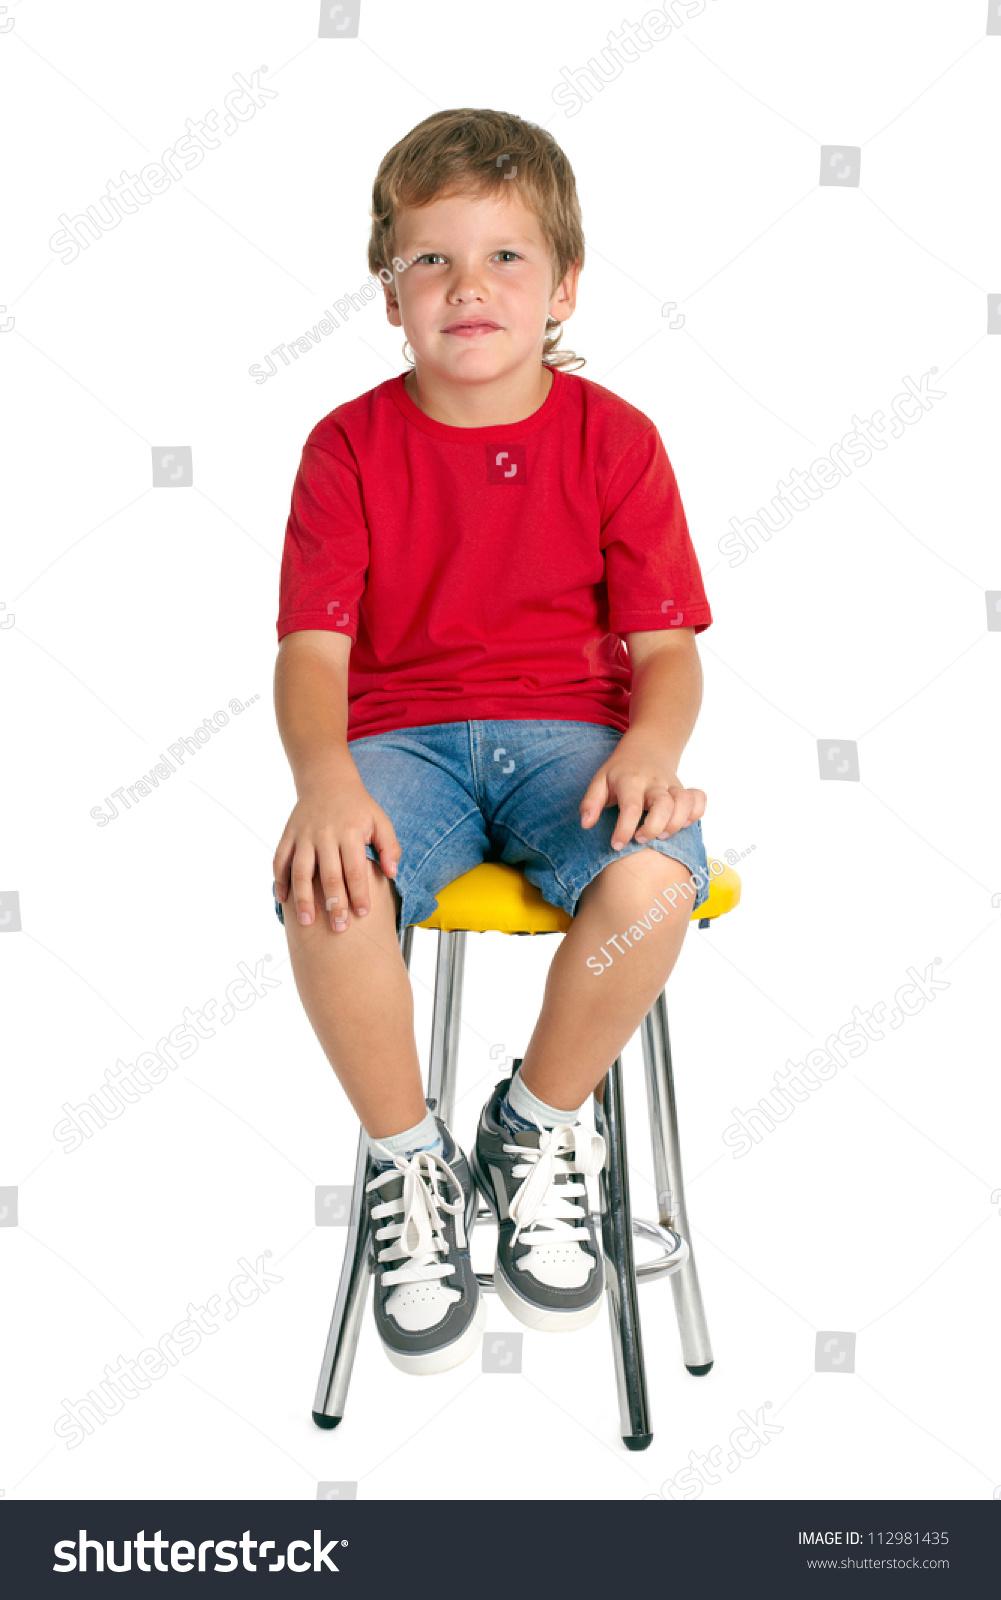 Boy Sitting On Stool Isolated On Stock Photo 112981435